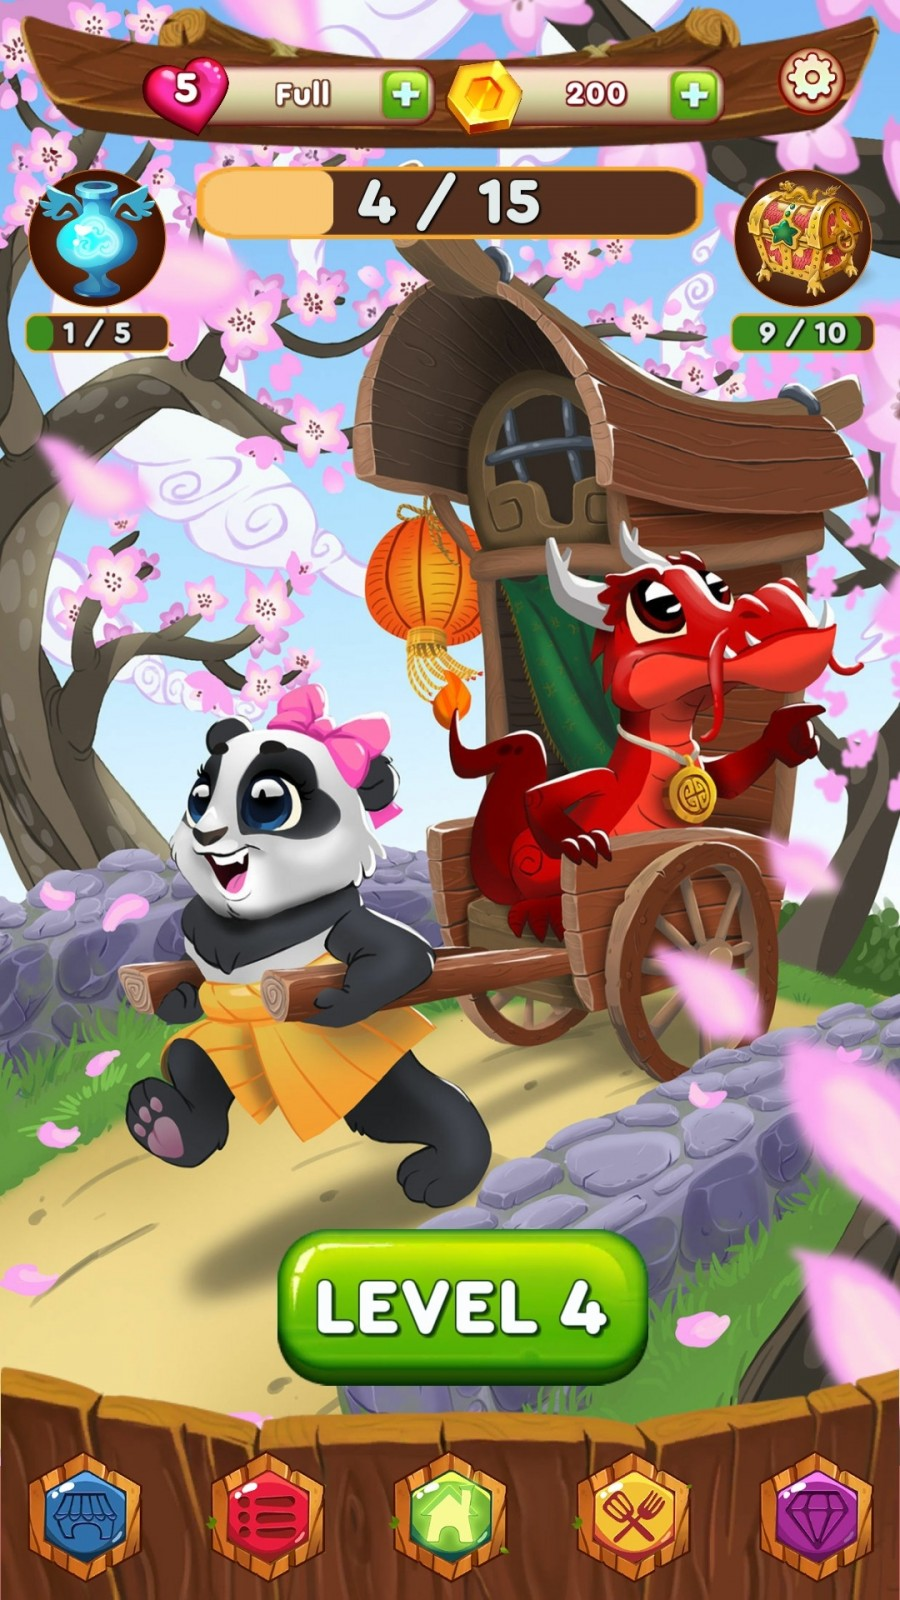 Panda Swap: El Juego de Puzzles con temática China llega a iOS y Android 2